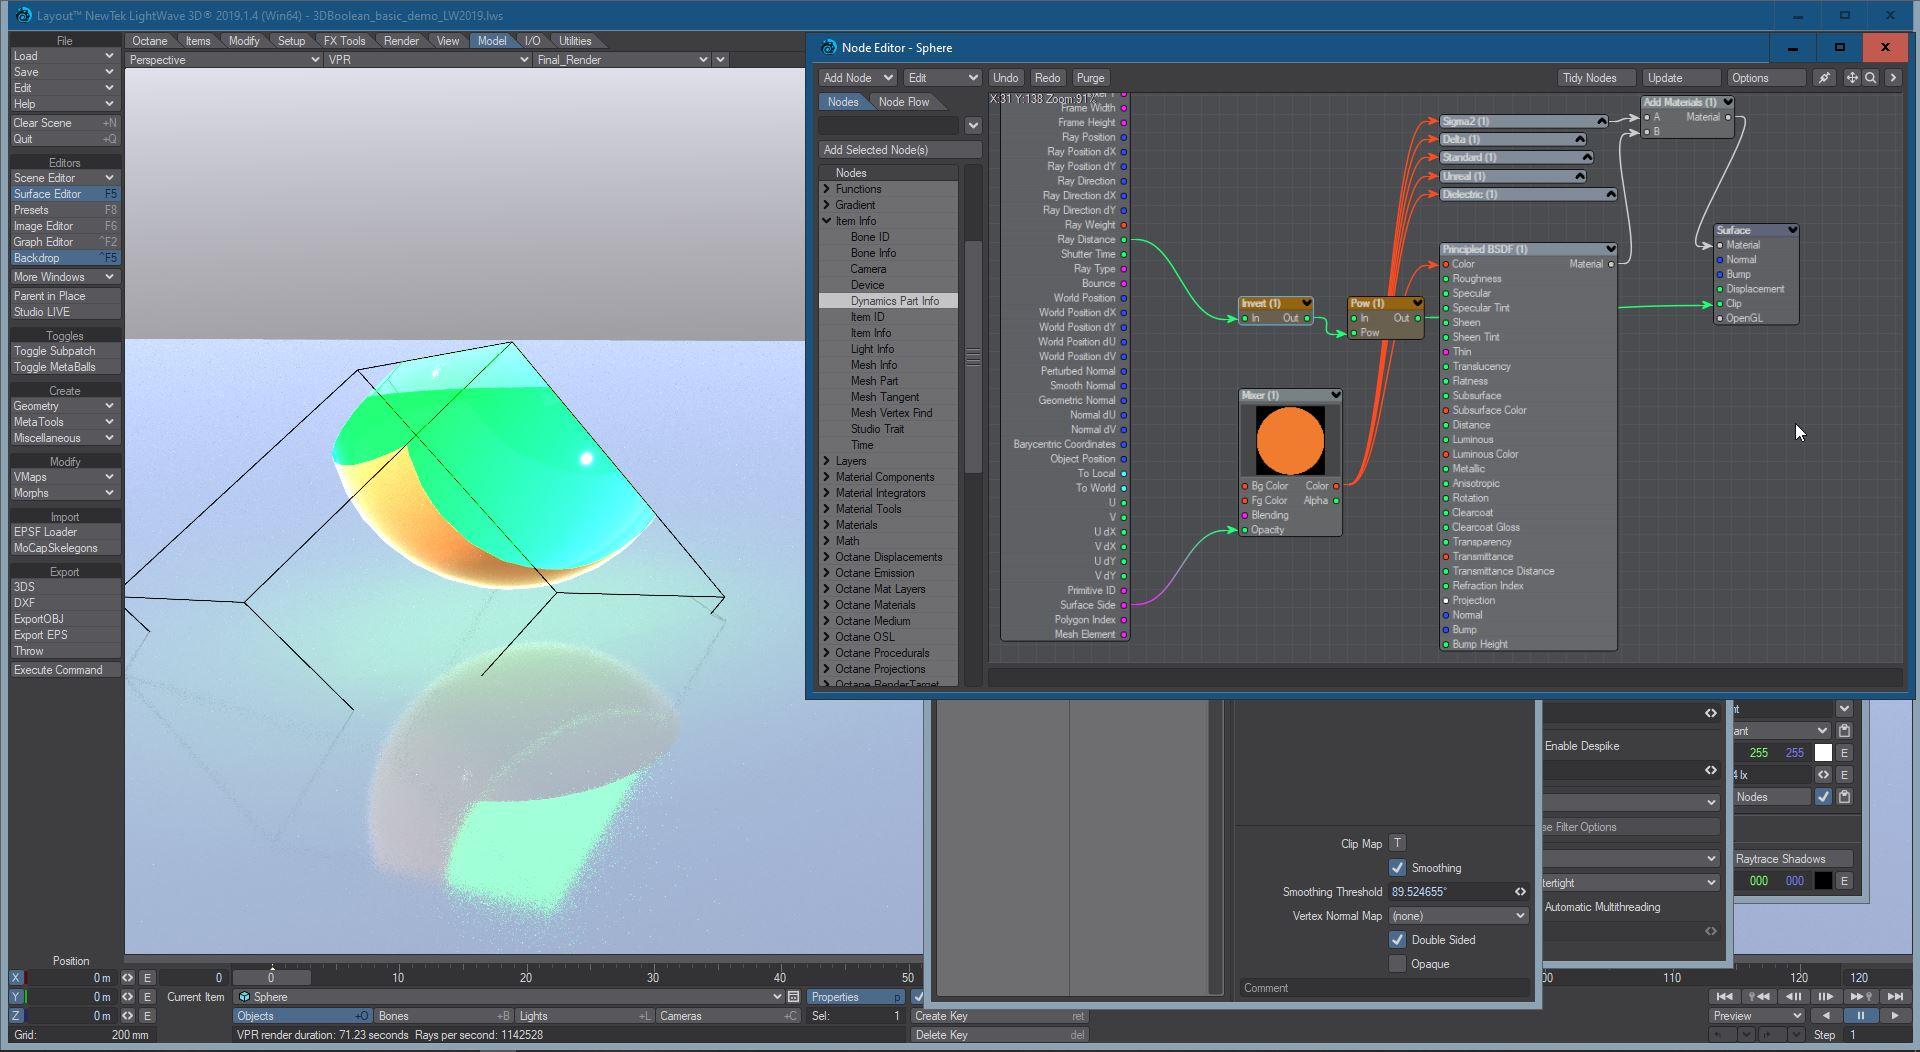 Nome: 2020-02-14 14_24_00-Layout™ NewTek LightWave 3D® 2019.1.4 (Win64) - 3DBoolean_basic_demo_LW2019..jpg Visite: 118 Dimensione: 240.9 KB